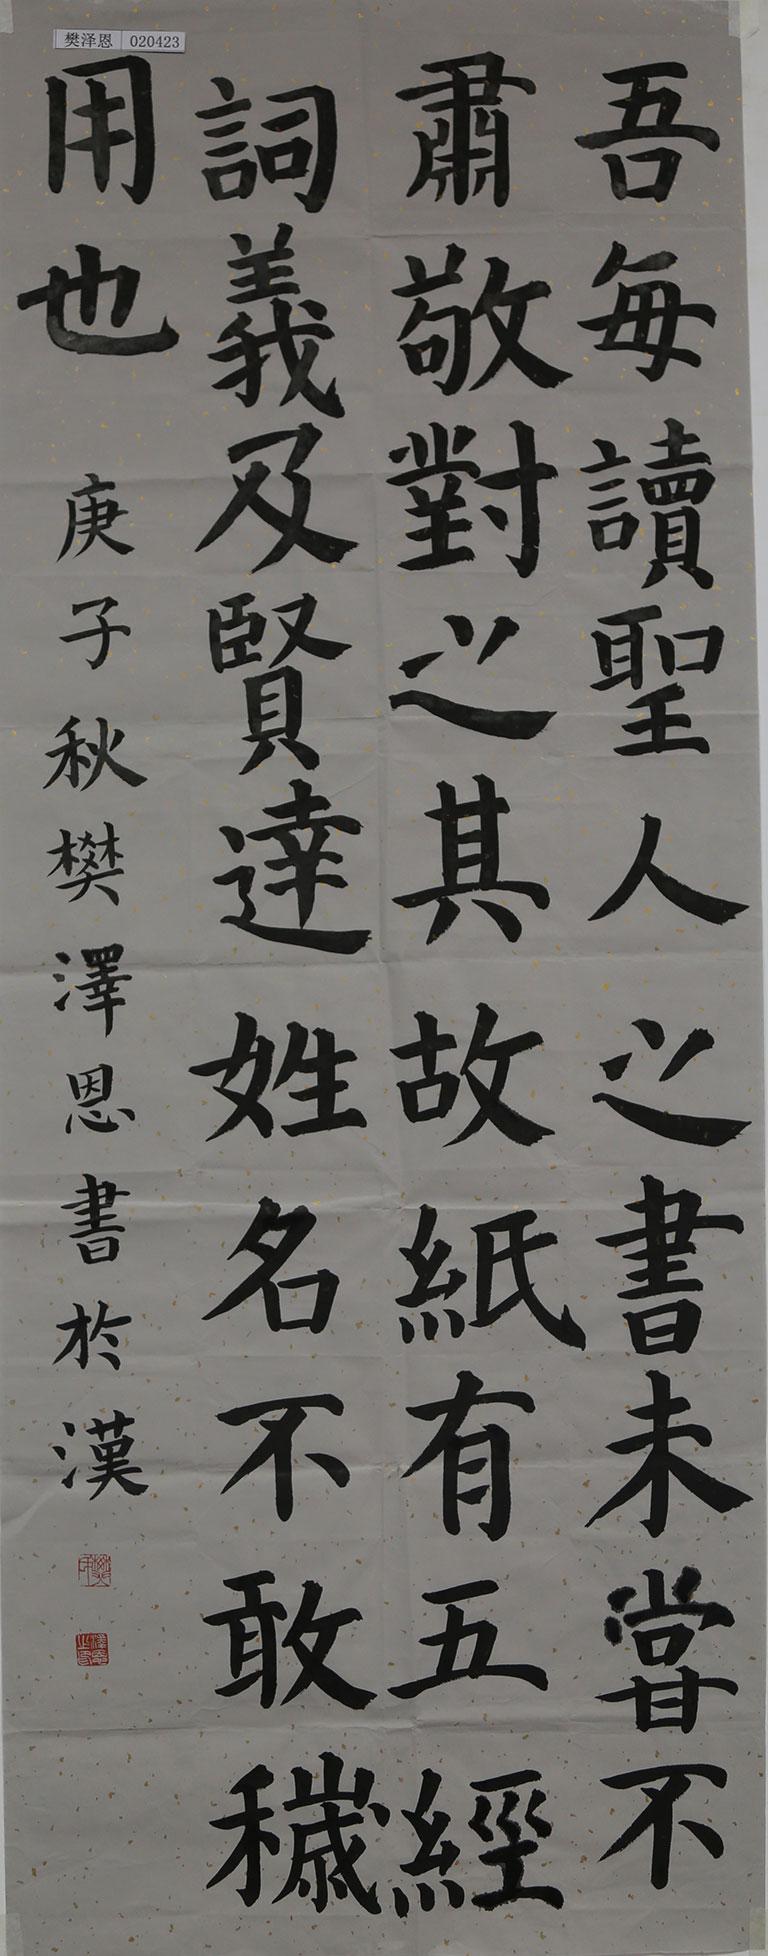 樊泽恩 中学组 软笔三等奖